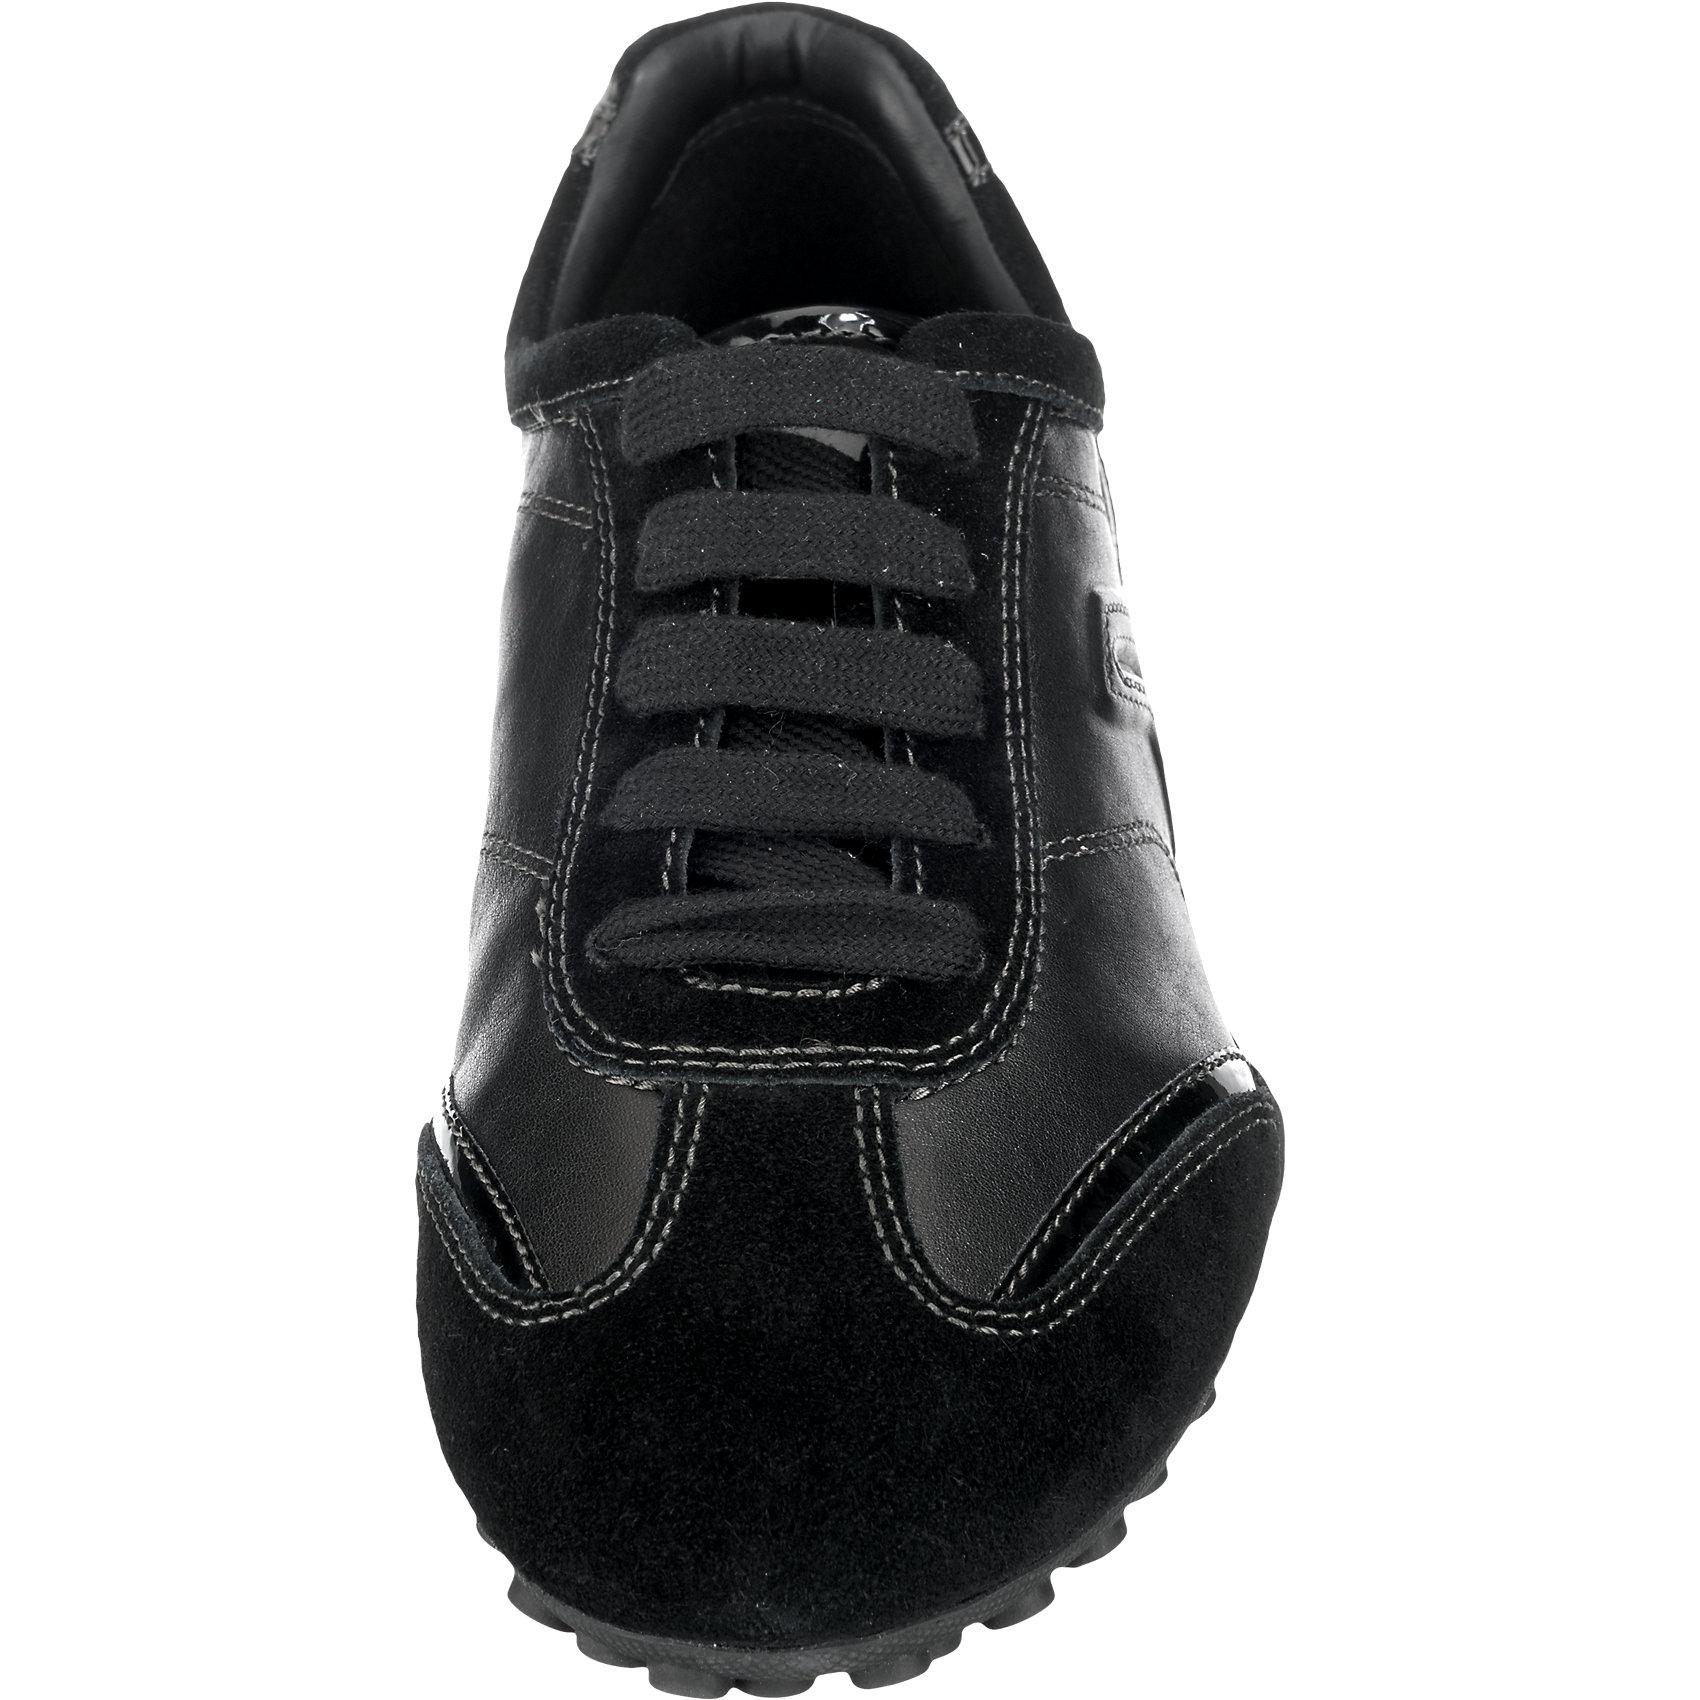 Neu Neu Neu GEOX Snake Sneakers schwarz 5734571 9b9567